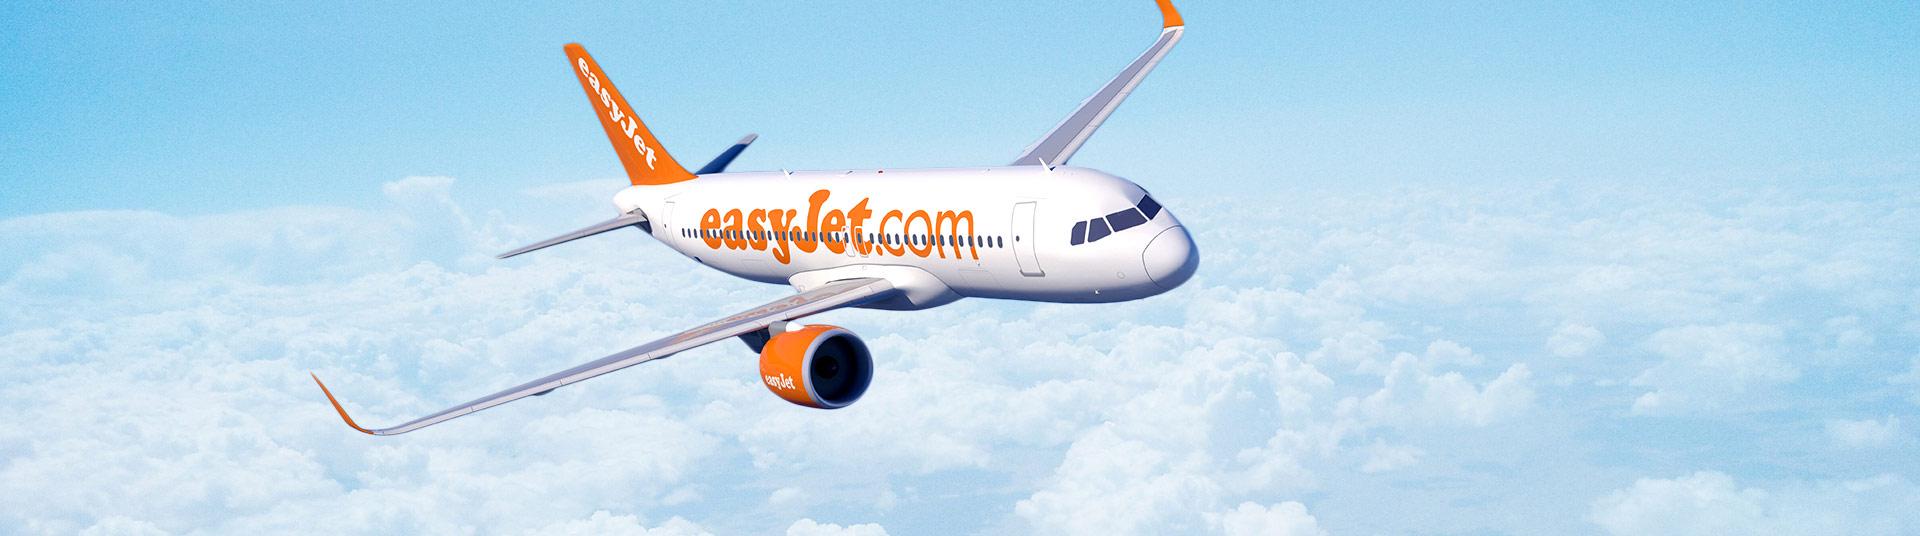 Easyjet u2 r servez un vol easyjet au meilleur prix for Interieur avion easyjet